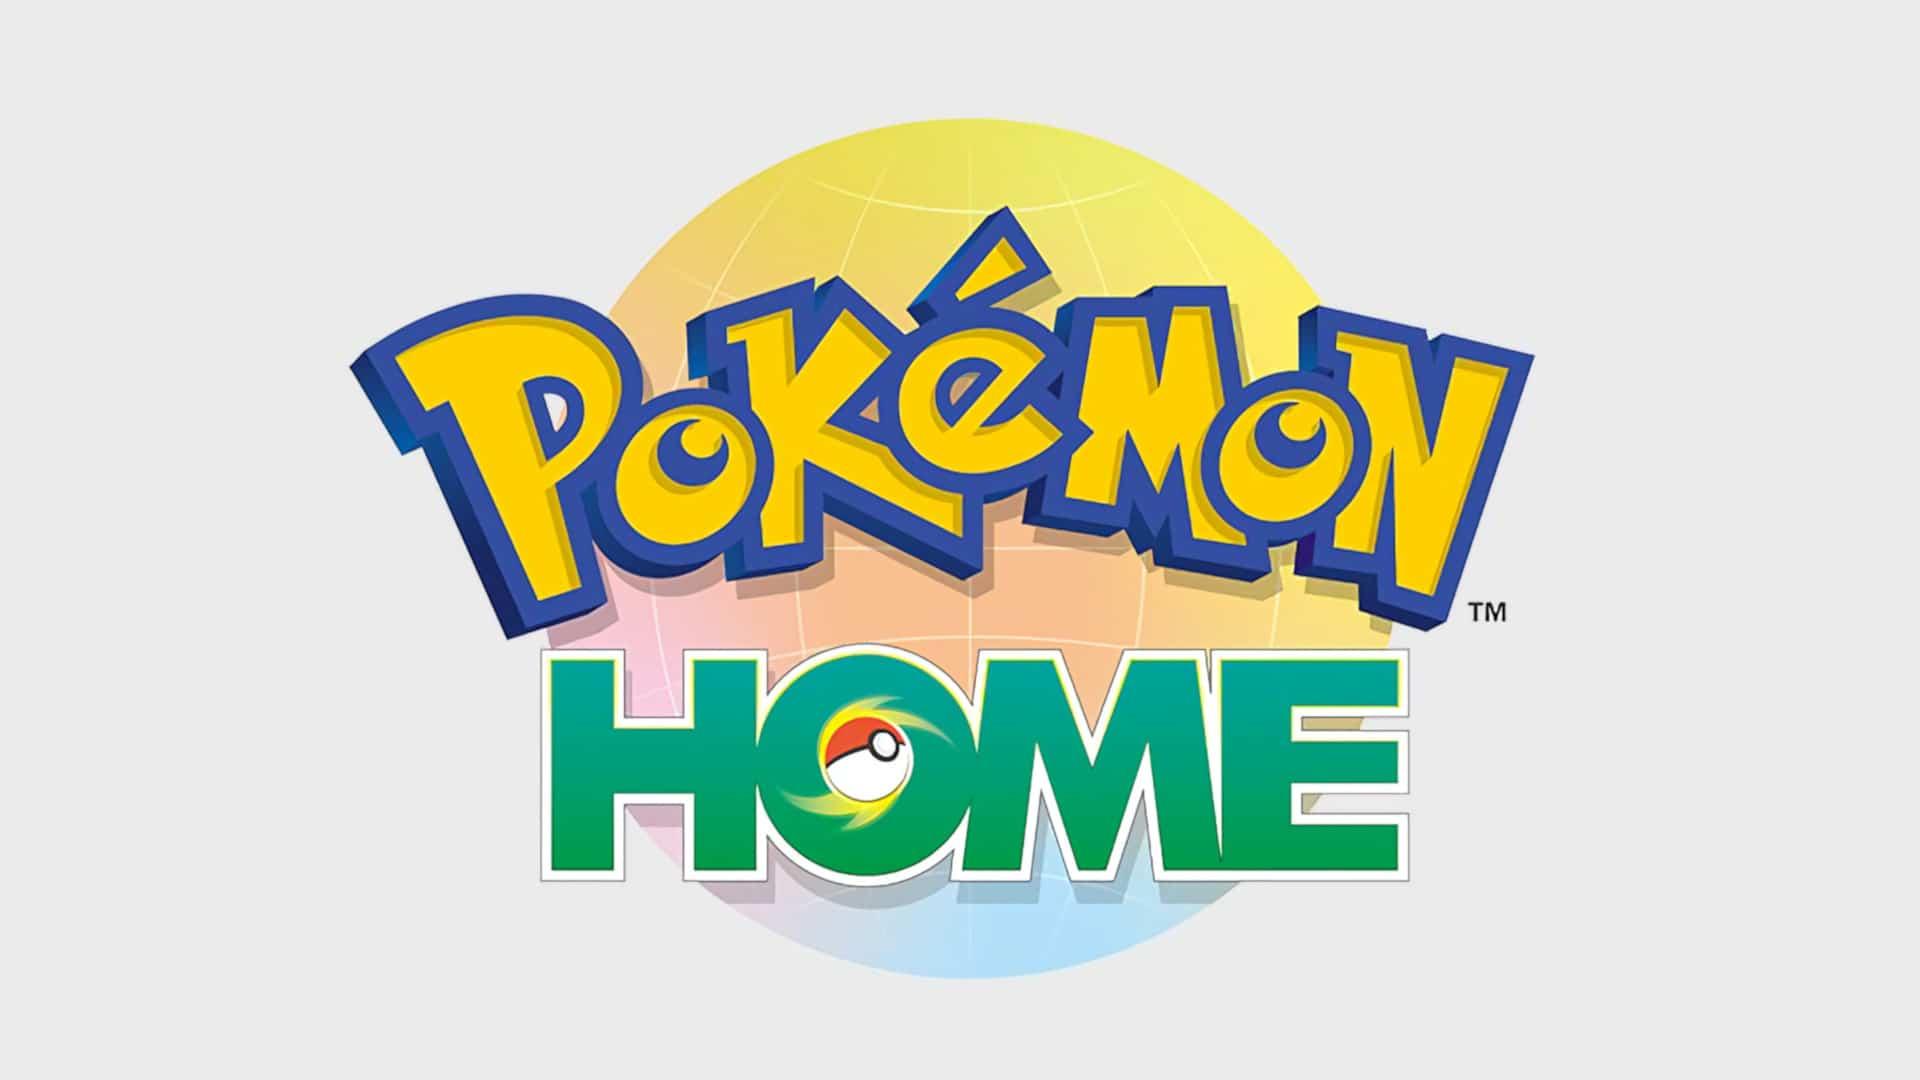 Pokémon HOME - aplikacja, która nareszcie pozwoli fanom na wymienianie się stworkami pomiędzy urządzeniami 20